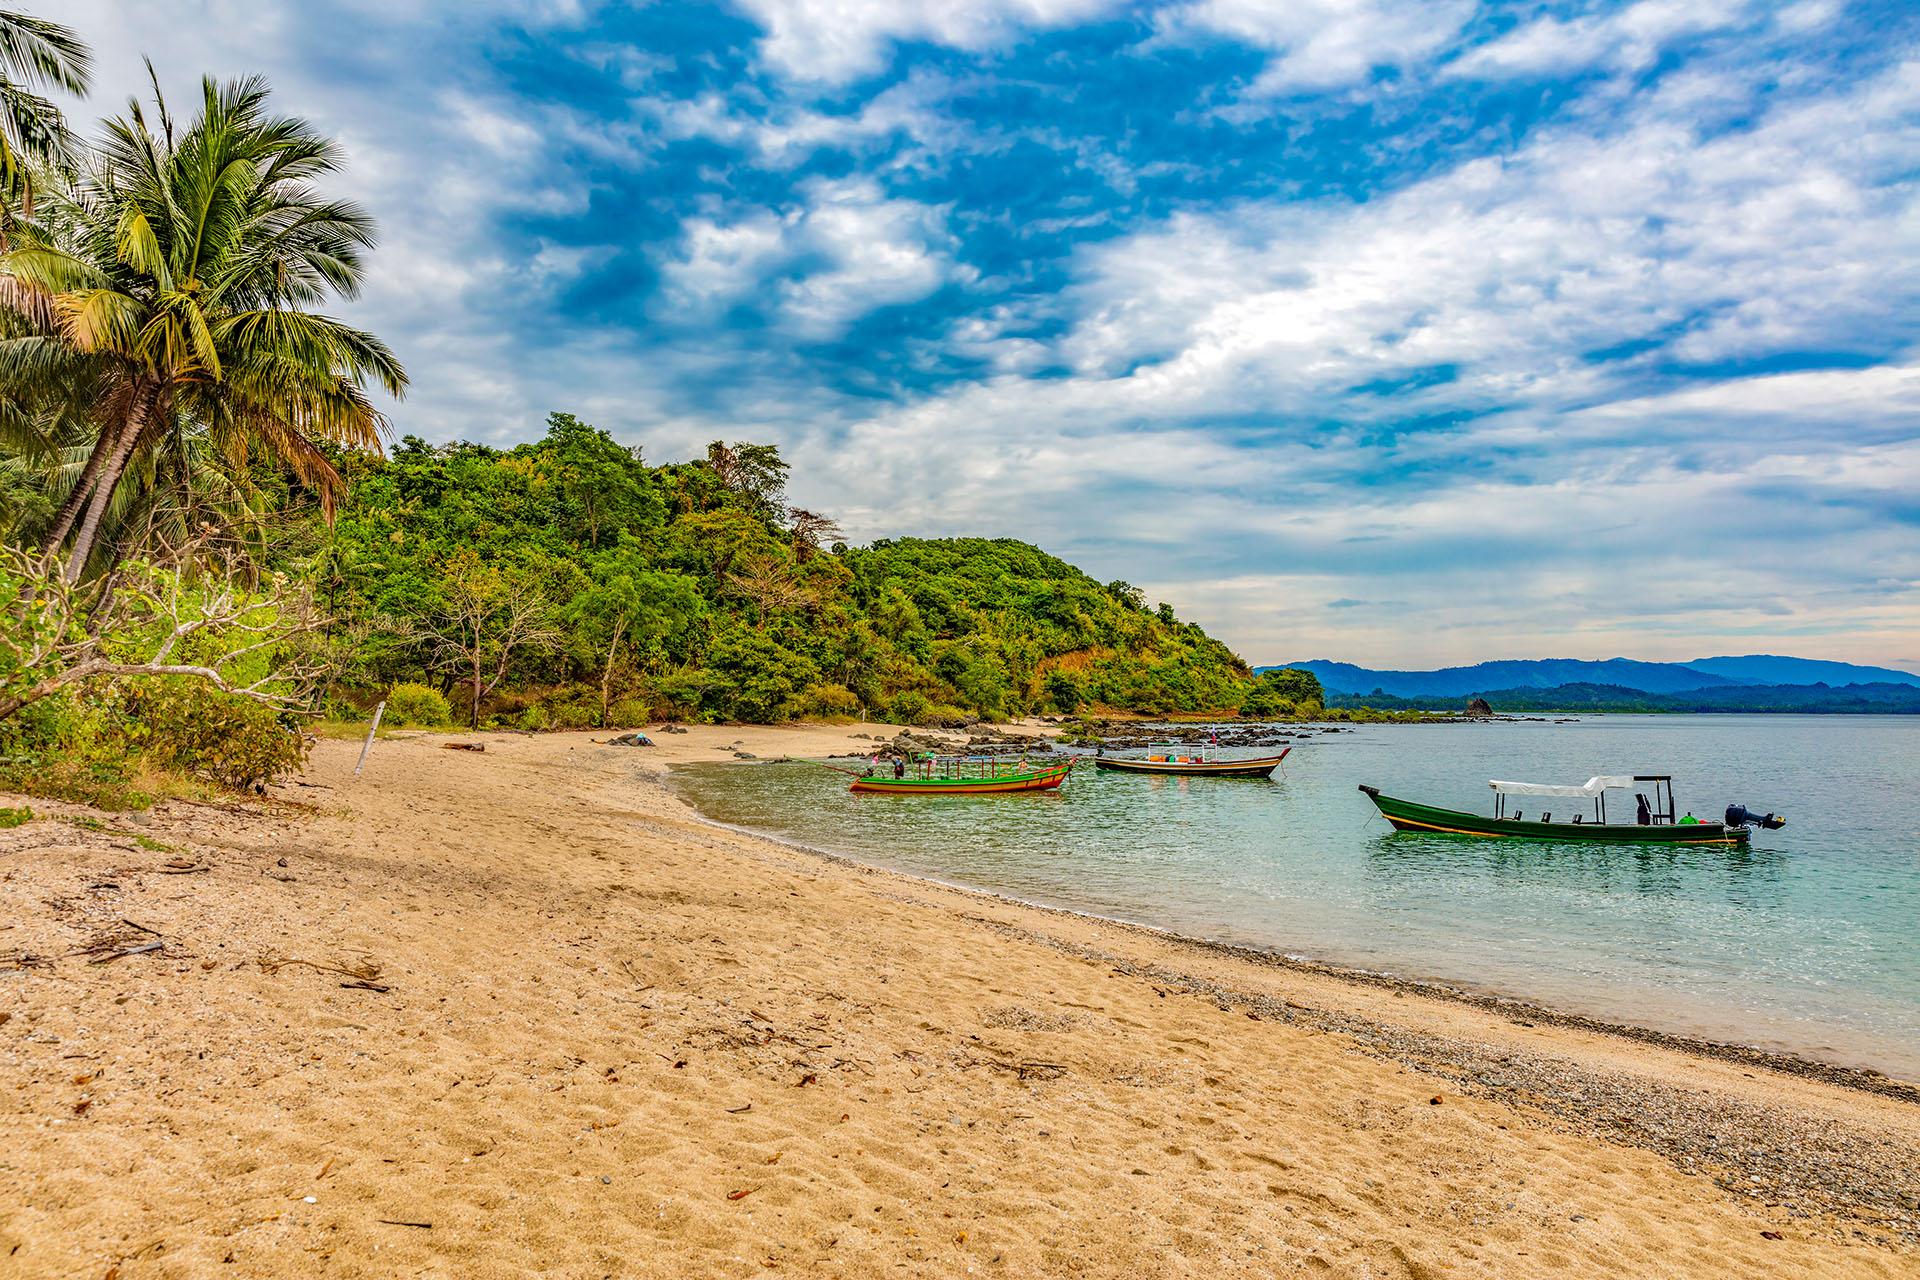 El paraíso de Ngapali rodeado con palmeras que bordean la larga y blanca franja de arenay de pequeños pueblos de pescadores